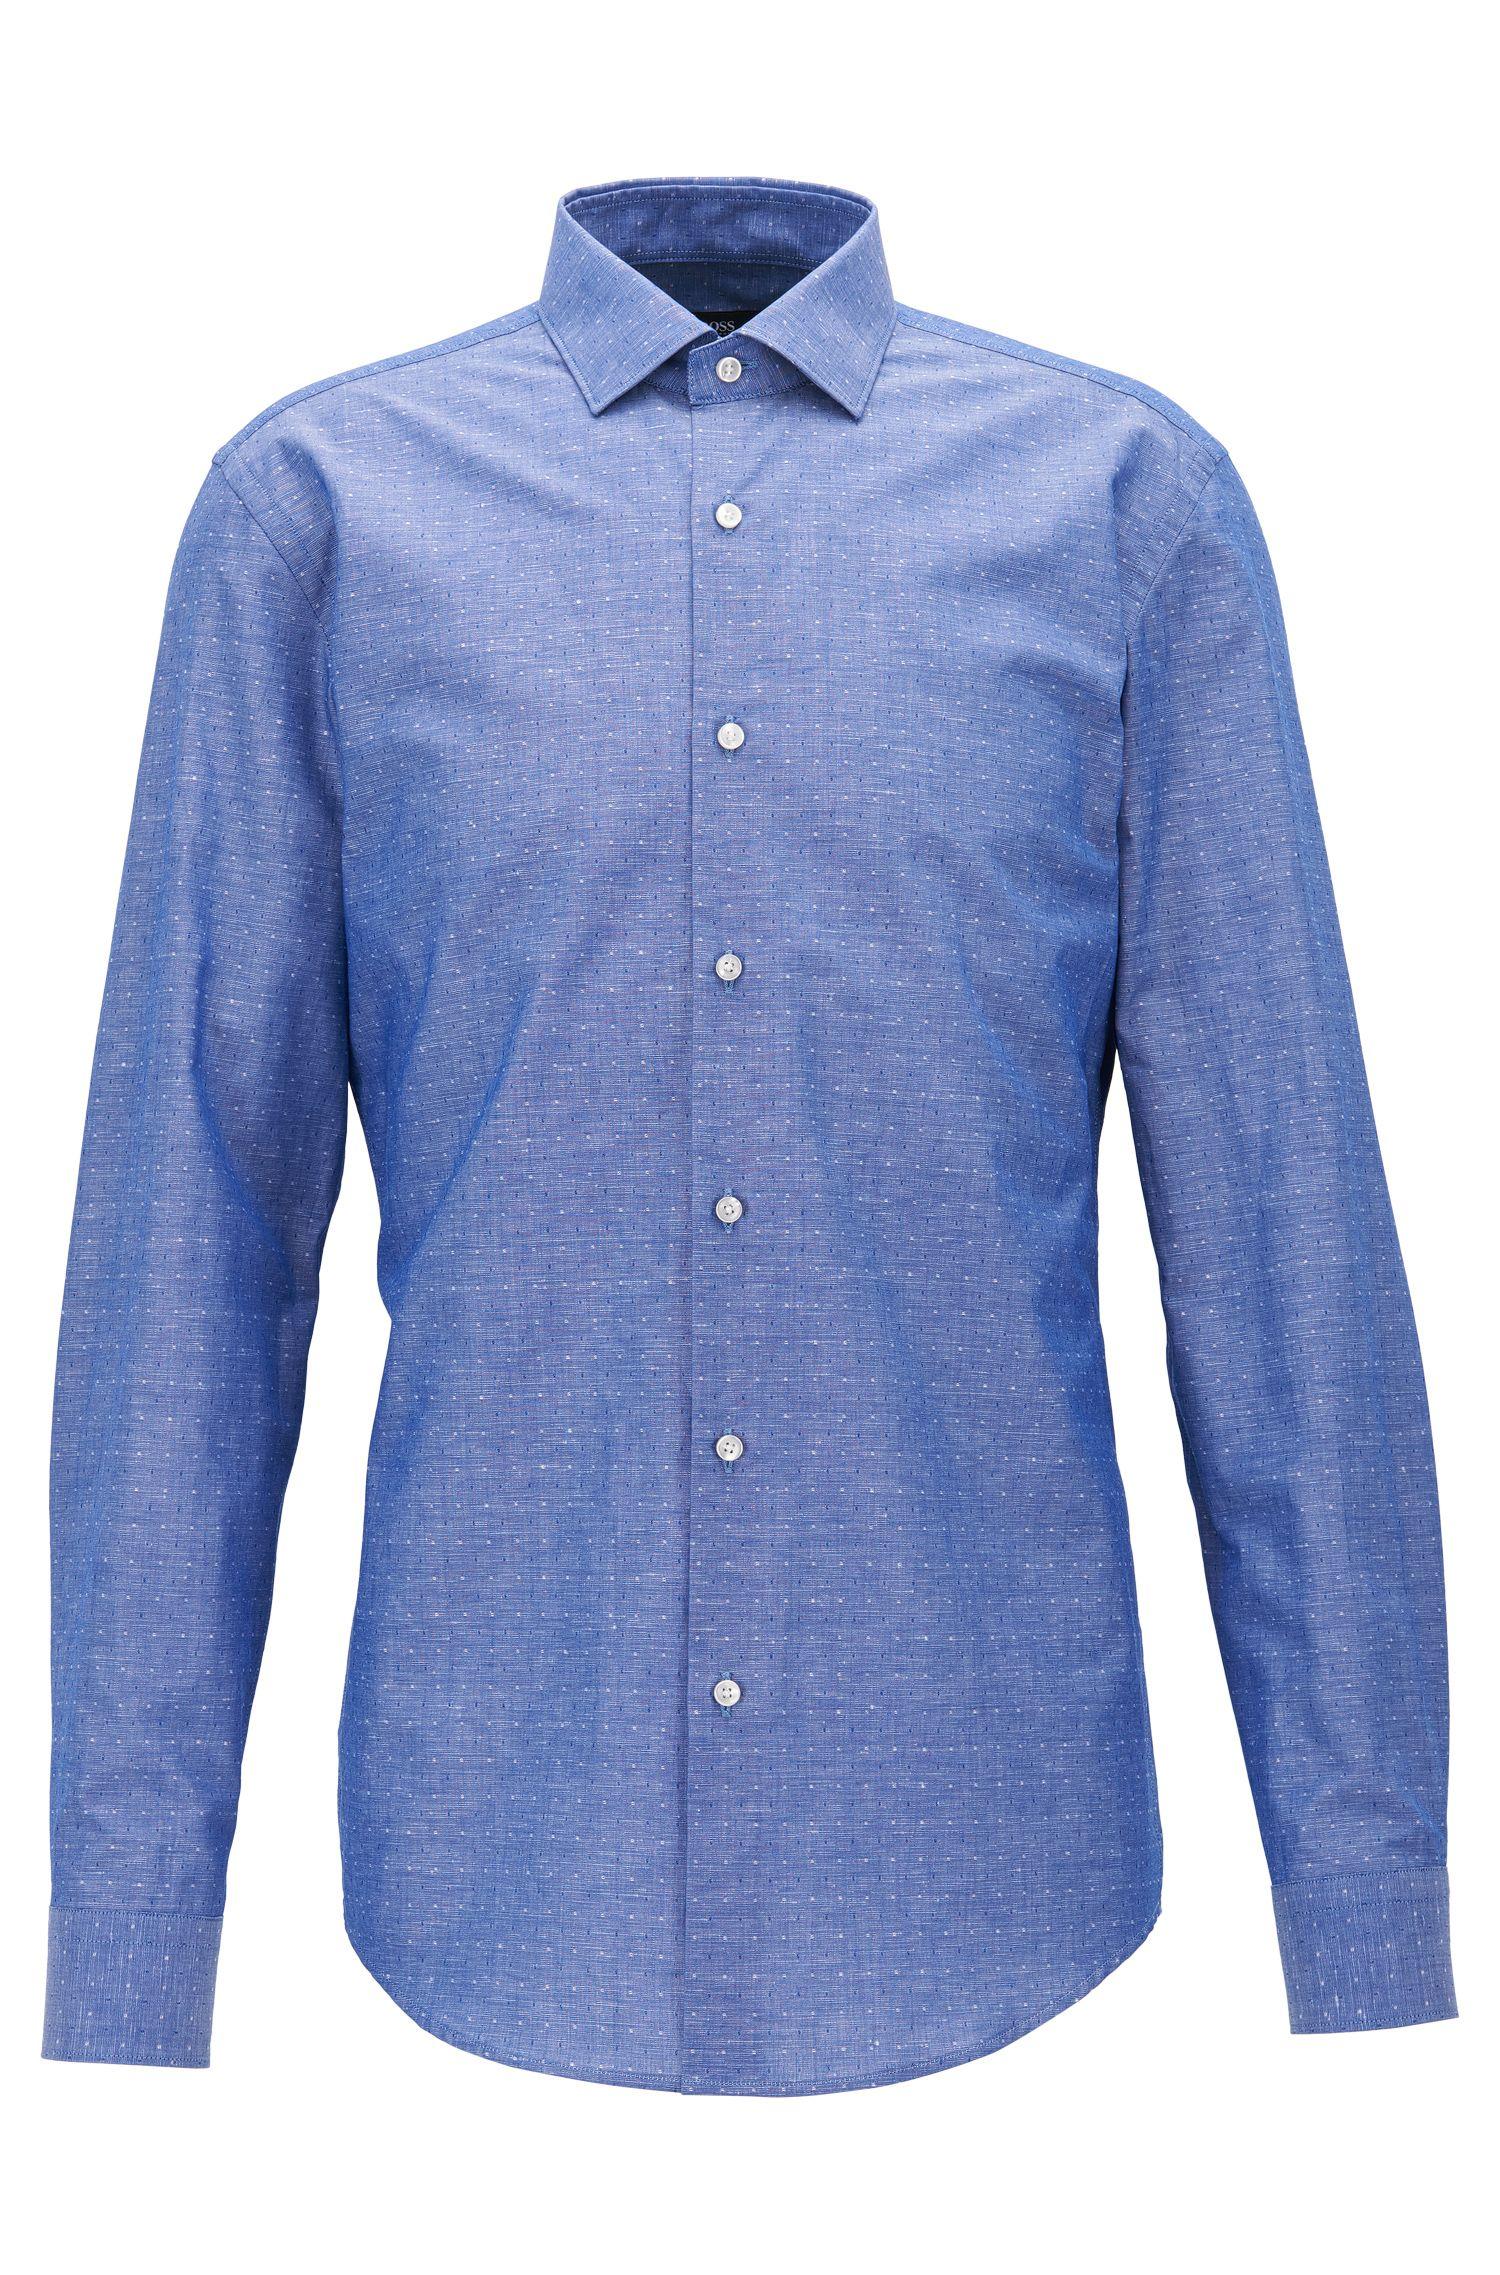 Cotton Linen Dress Shirt, Slim Fit | Ismo, Blue